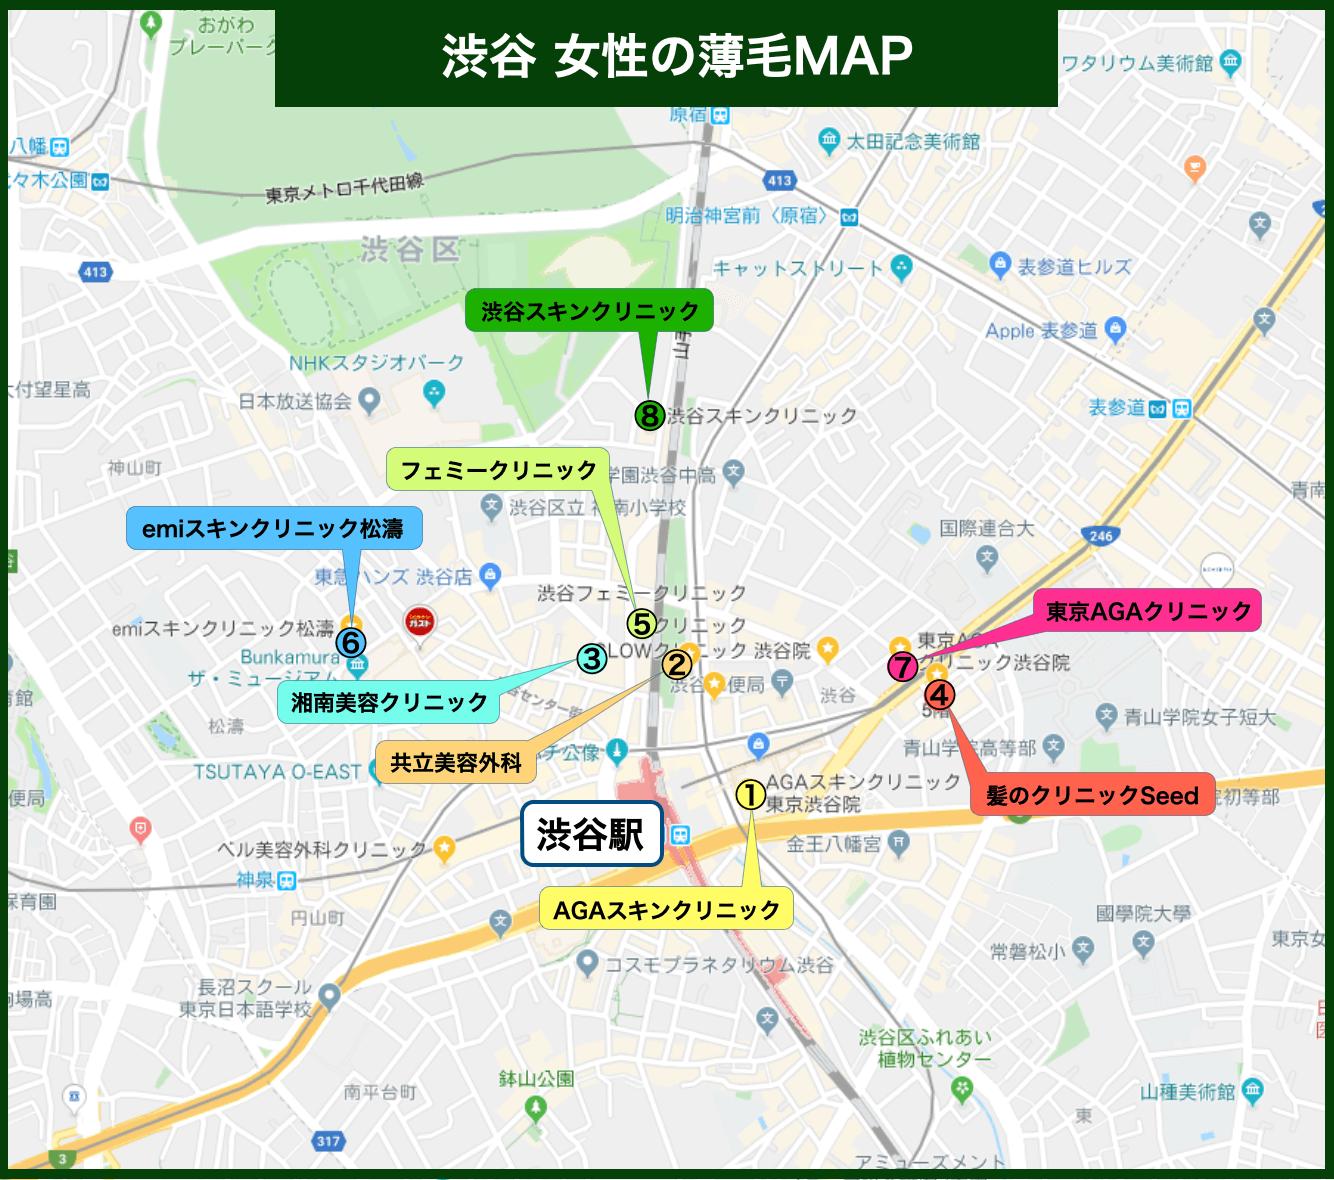 渋谷 女性の薄毛MAP